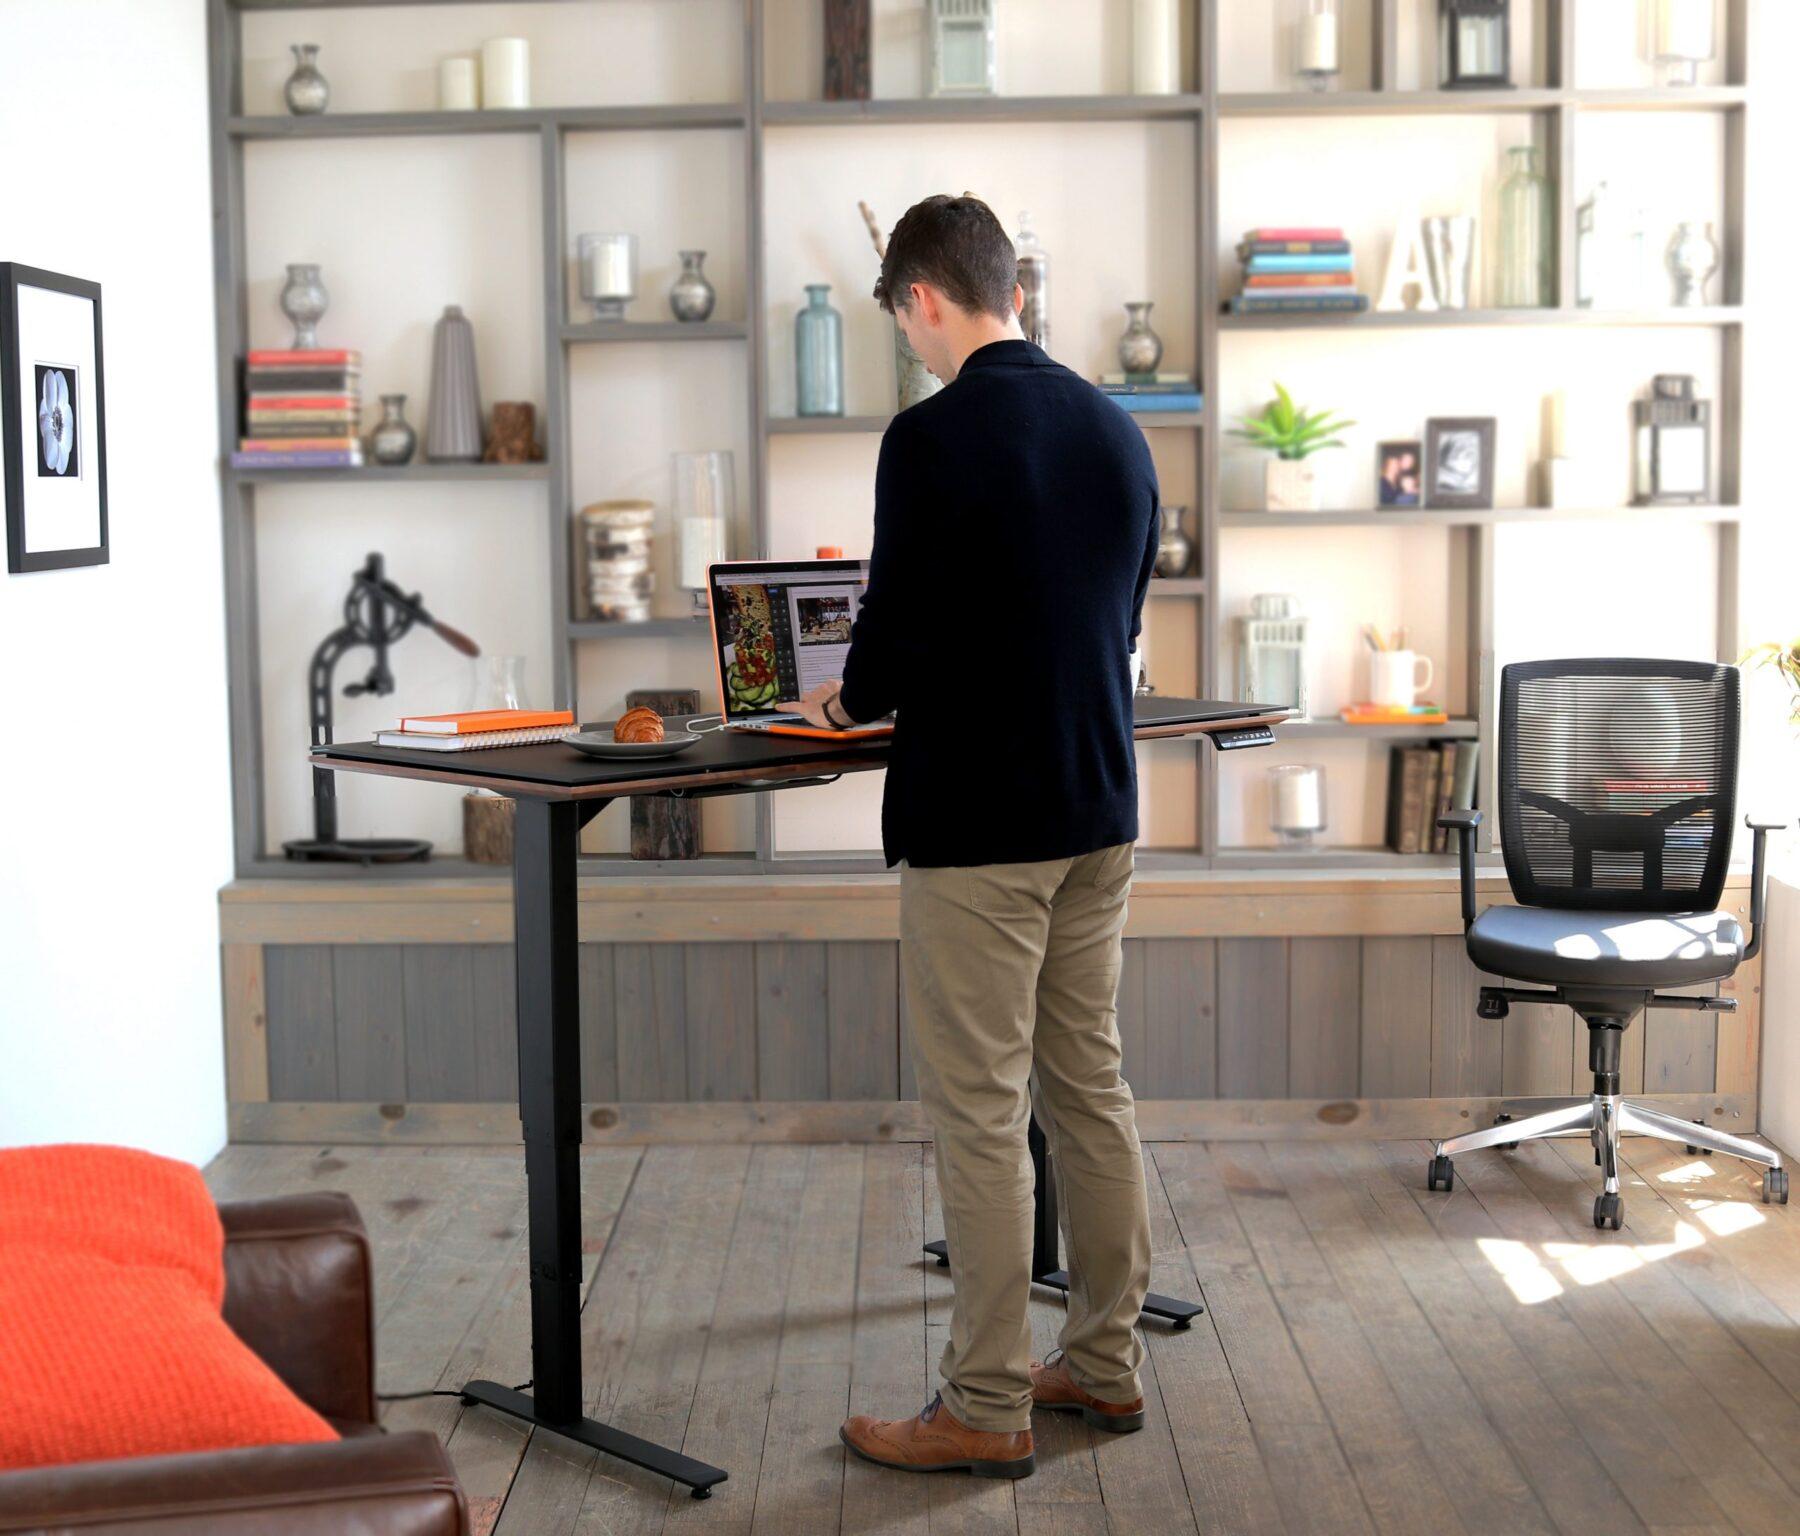 sequel-lift-desk-6151-modern-standing-desk-4